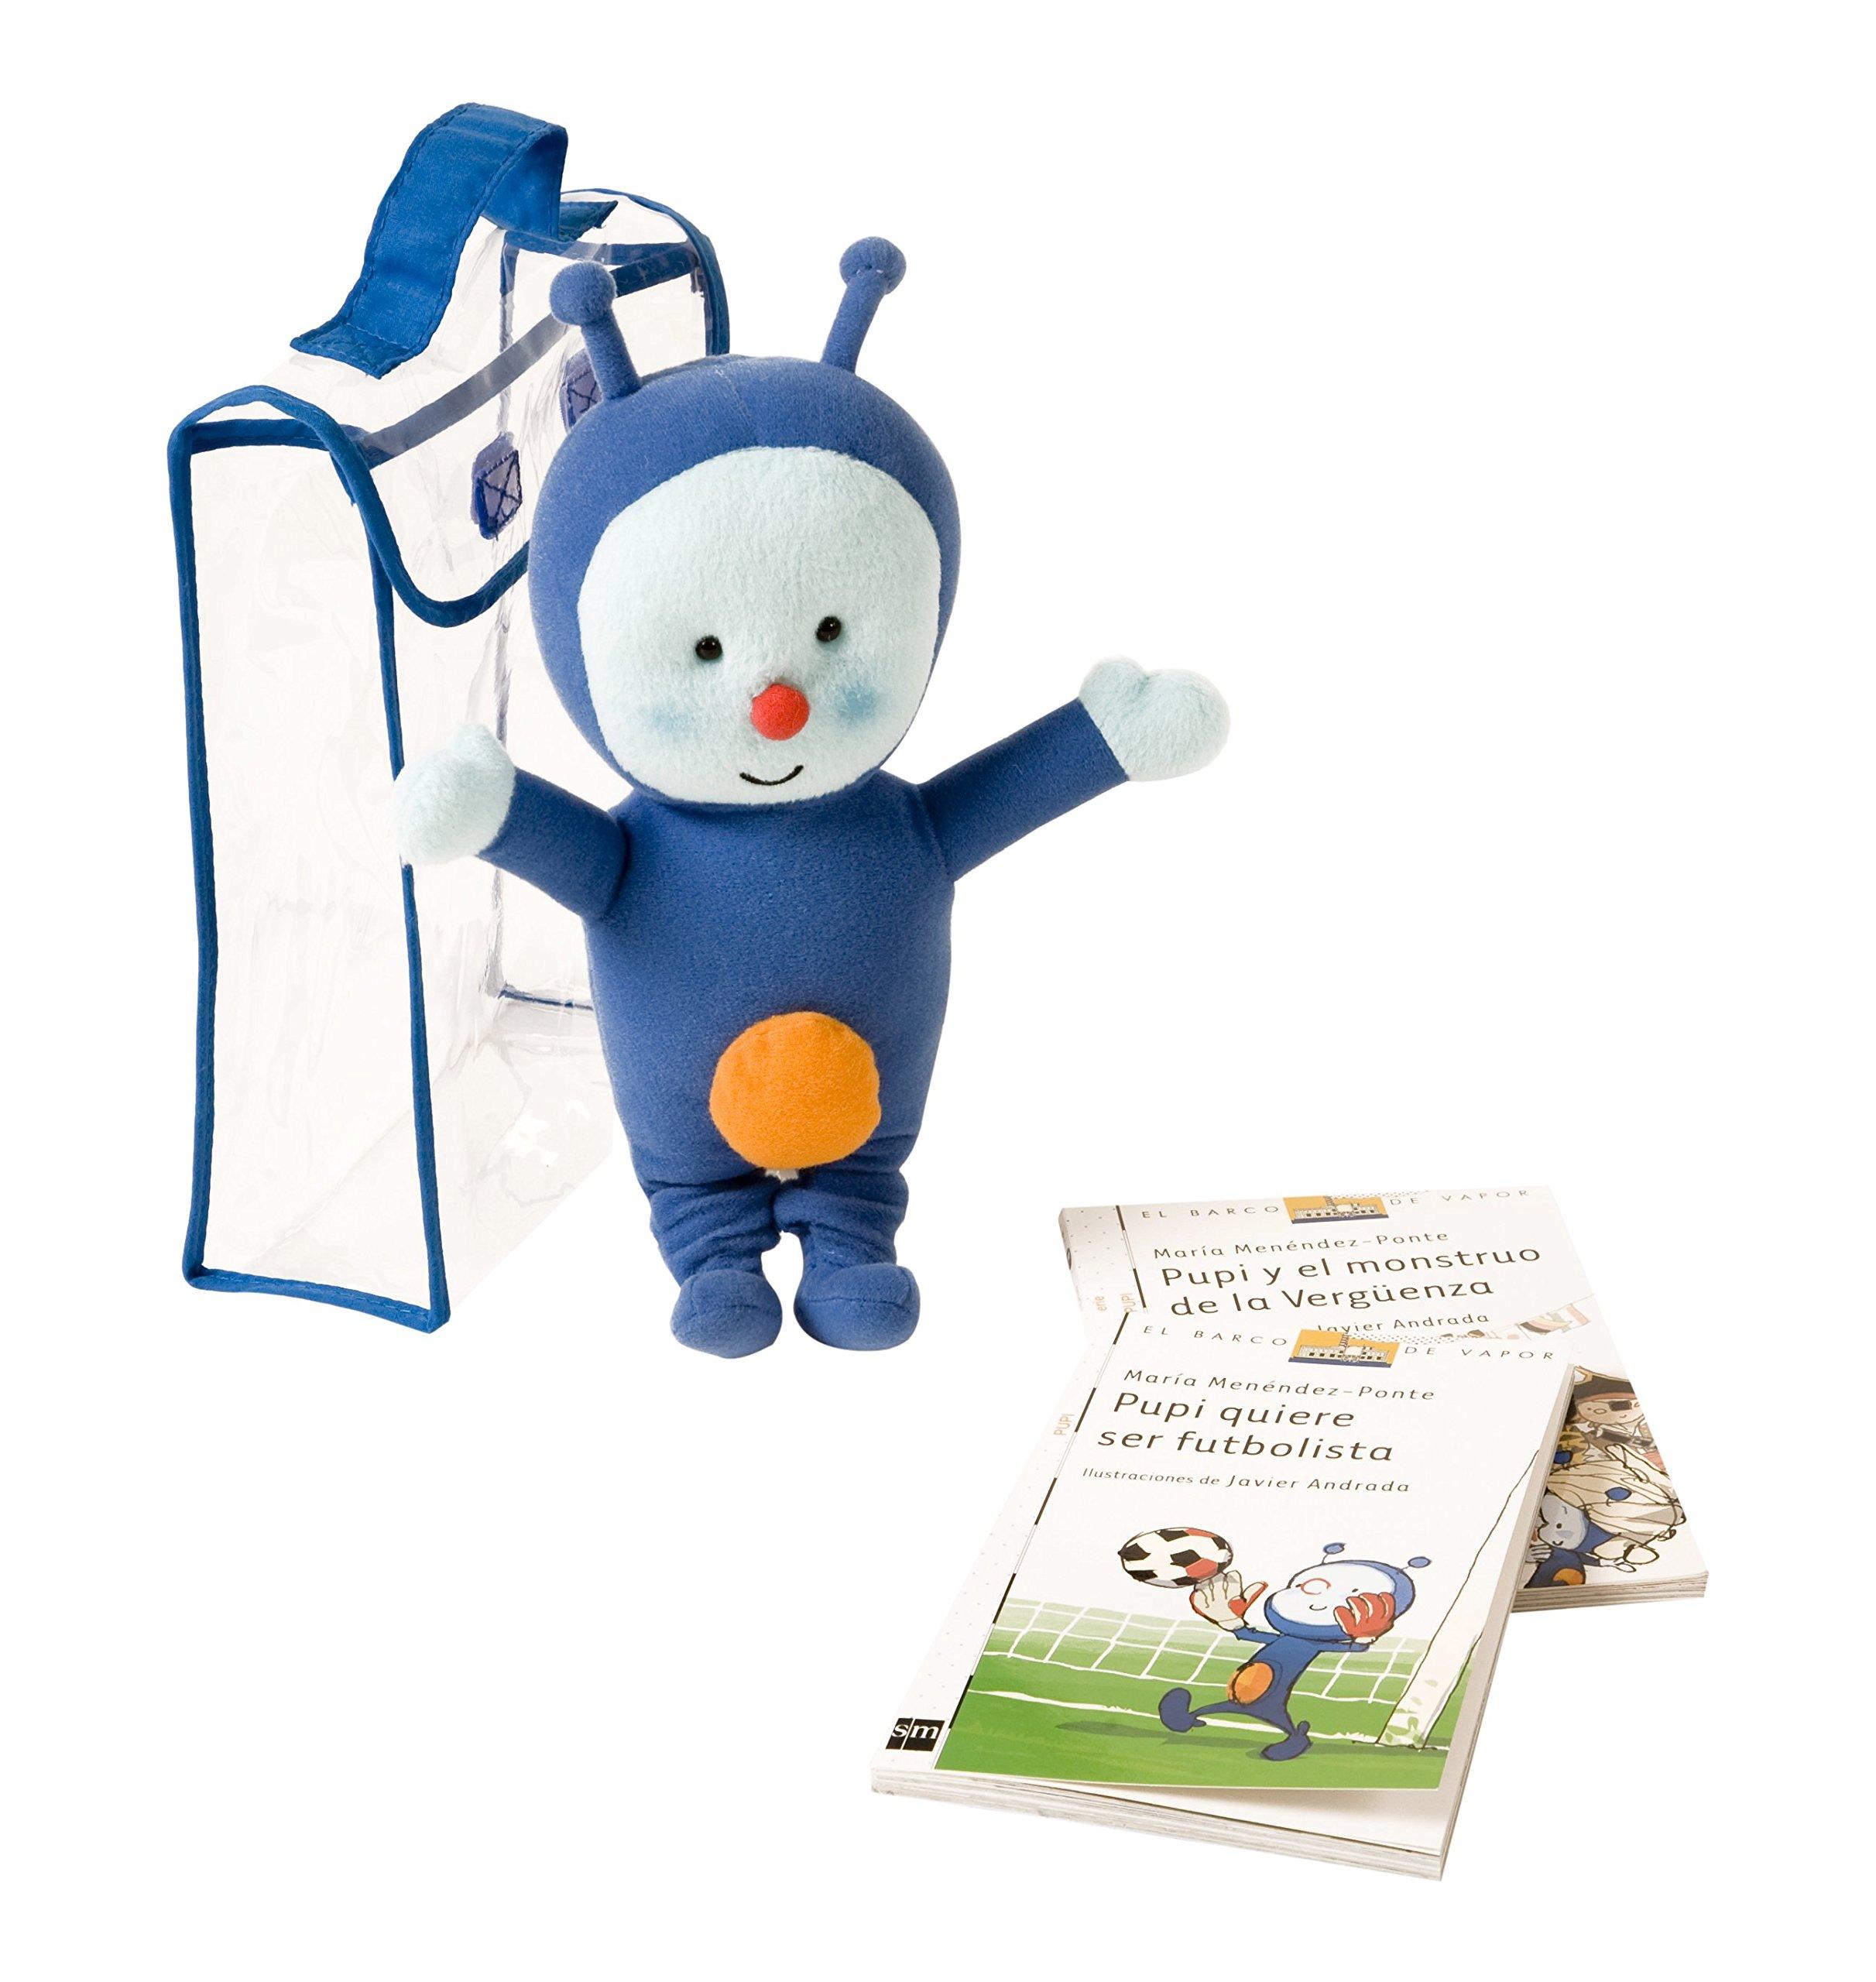 Pack Pupi con Mascota (Barco de Vapor Blanca): Amazon.es: Menéndez ...